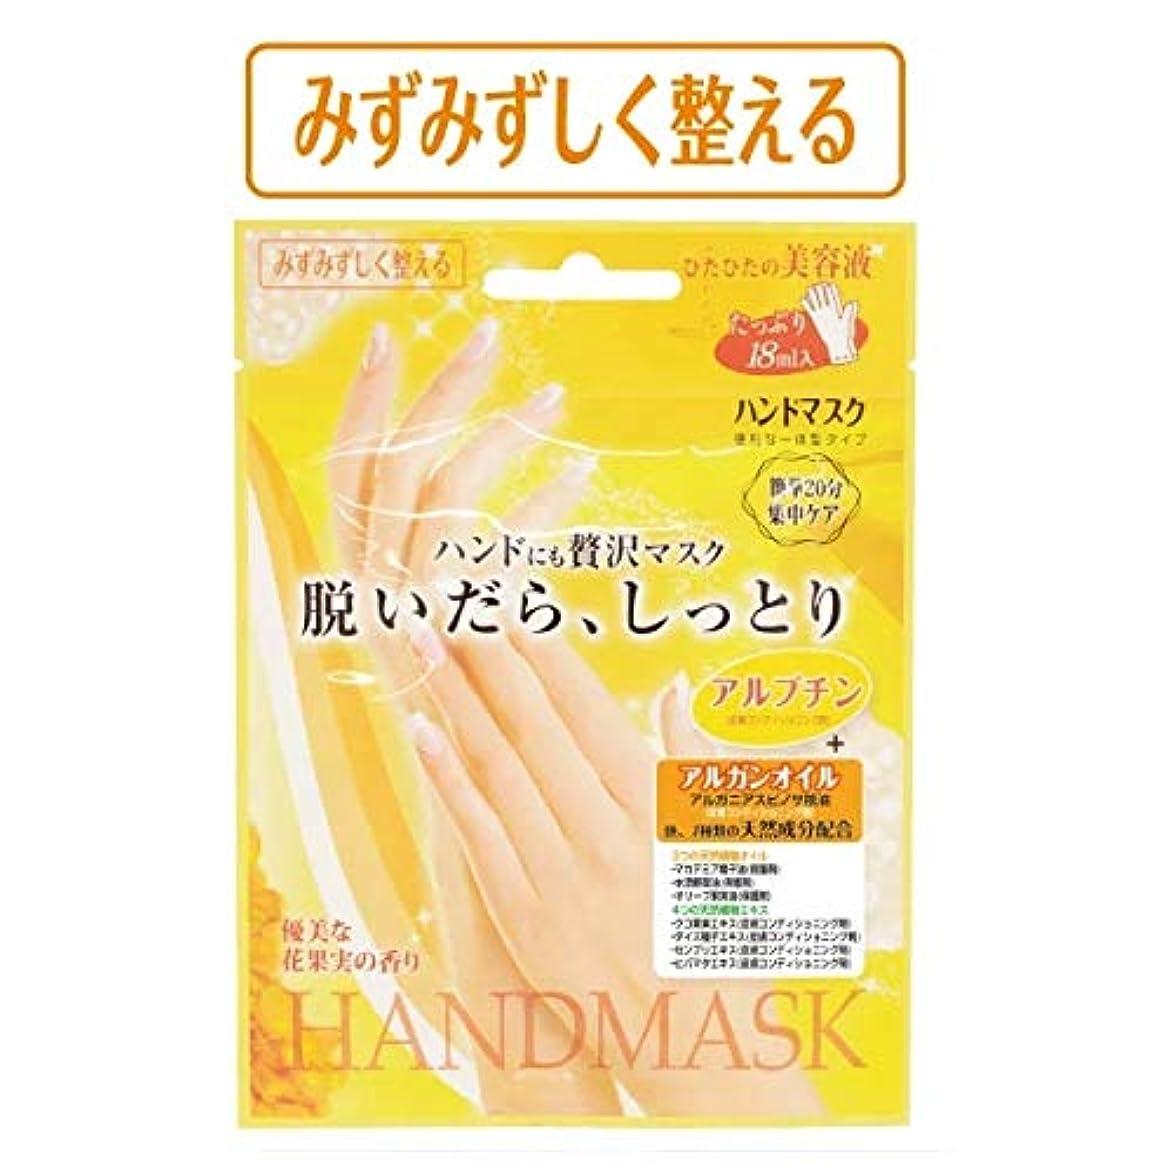 アクセス外出適応的SBハンドマスク BSH251 両手1回分 美容 美容液 手 指先 爪 ハンドケア ネイルケア 一体型タイプ はめるだけ 潤い しっとり やわらか 透明感 保湿 キレイ Hand Mask ビューティーワールド ラッキートレンディ...